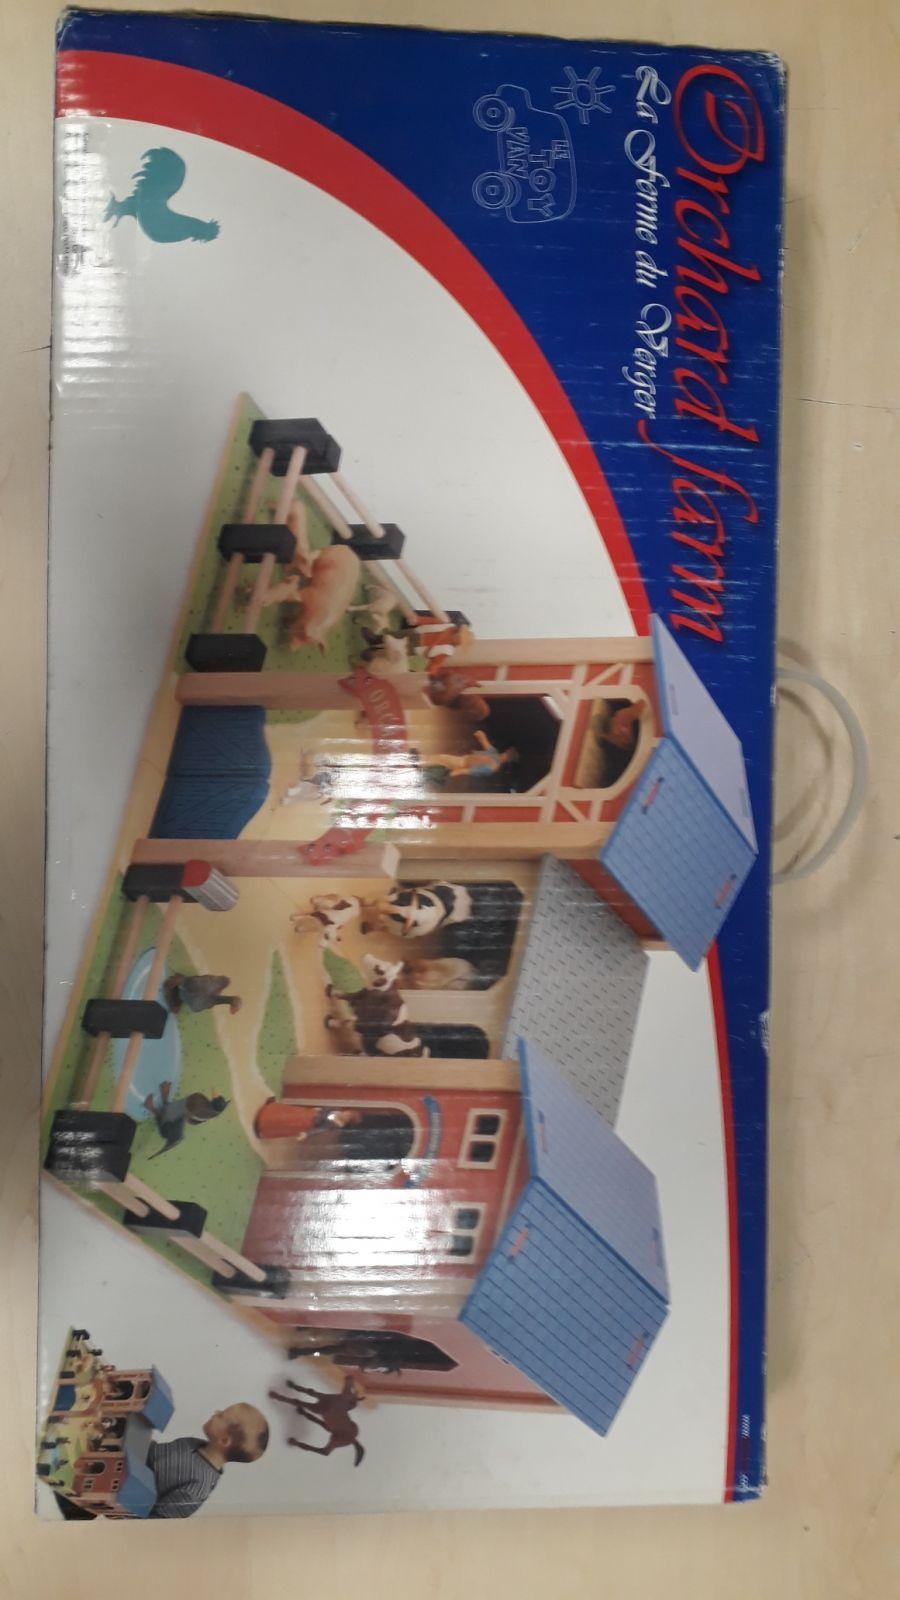 Le Toy Van Velká dřevěná farma TV418 - mírně poškozený obal